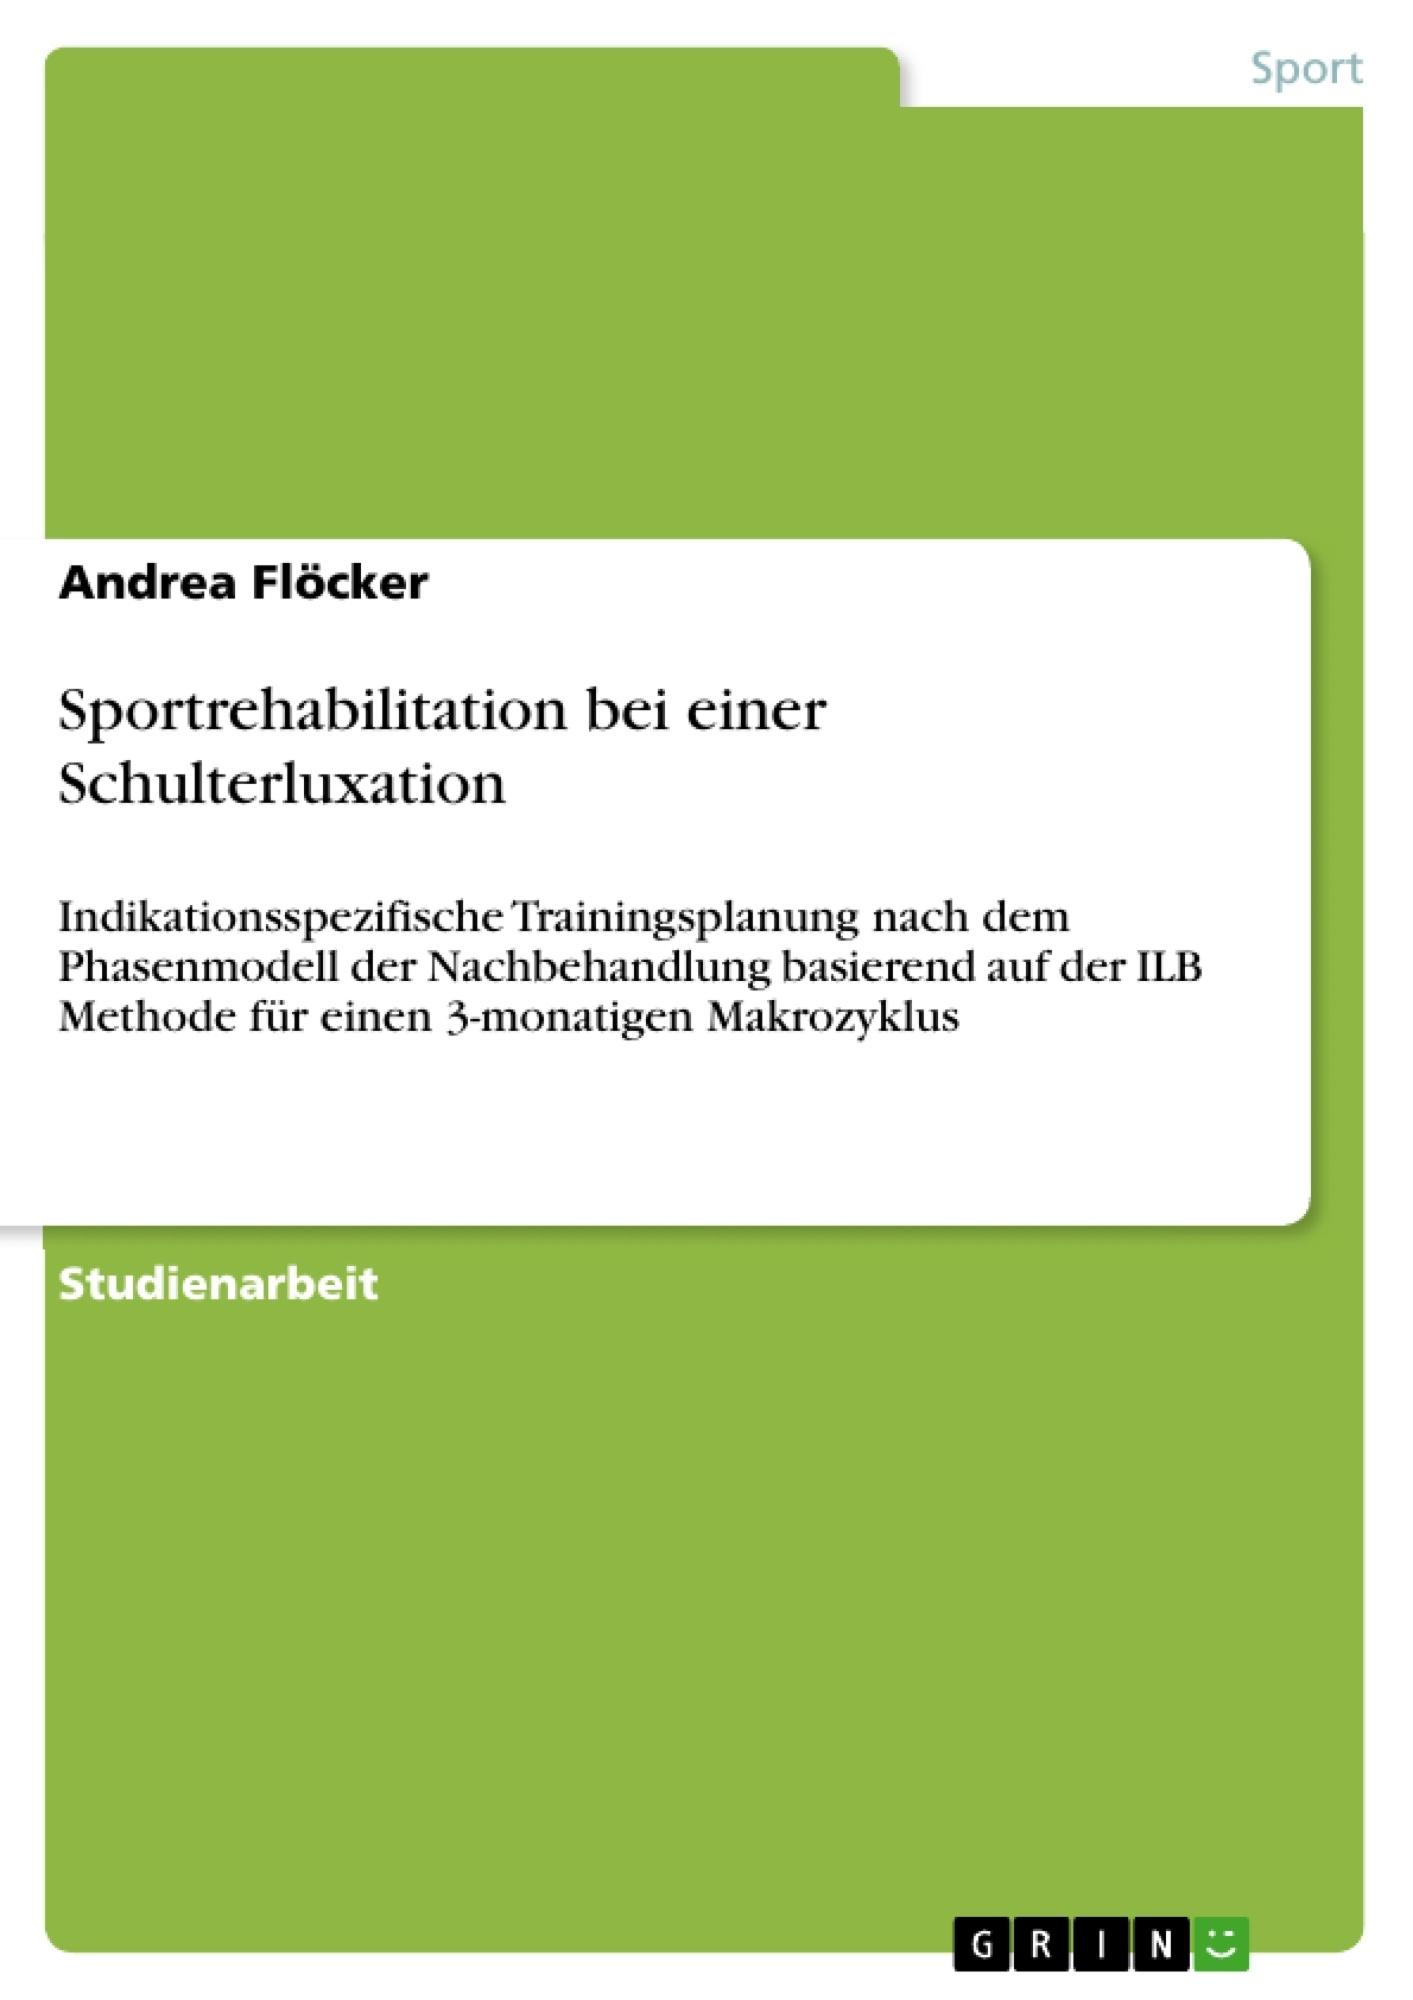 Titel: Sportrehabilitation bei einer Schulterluxation